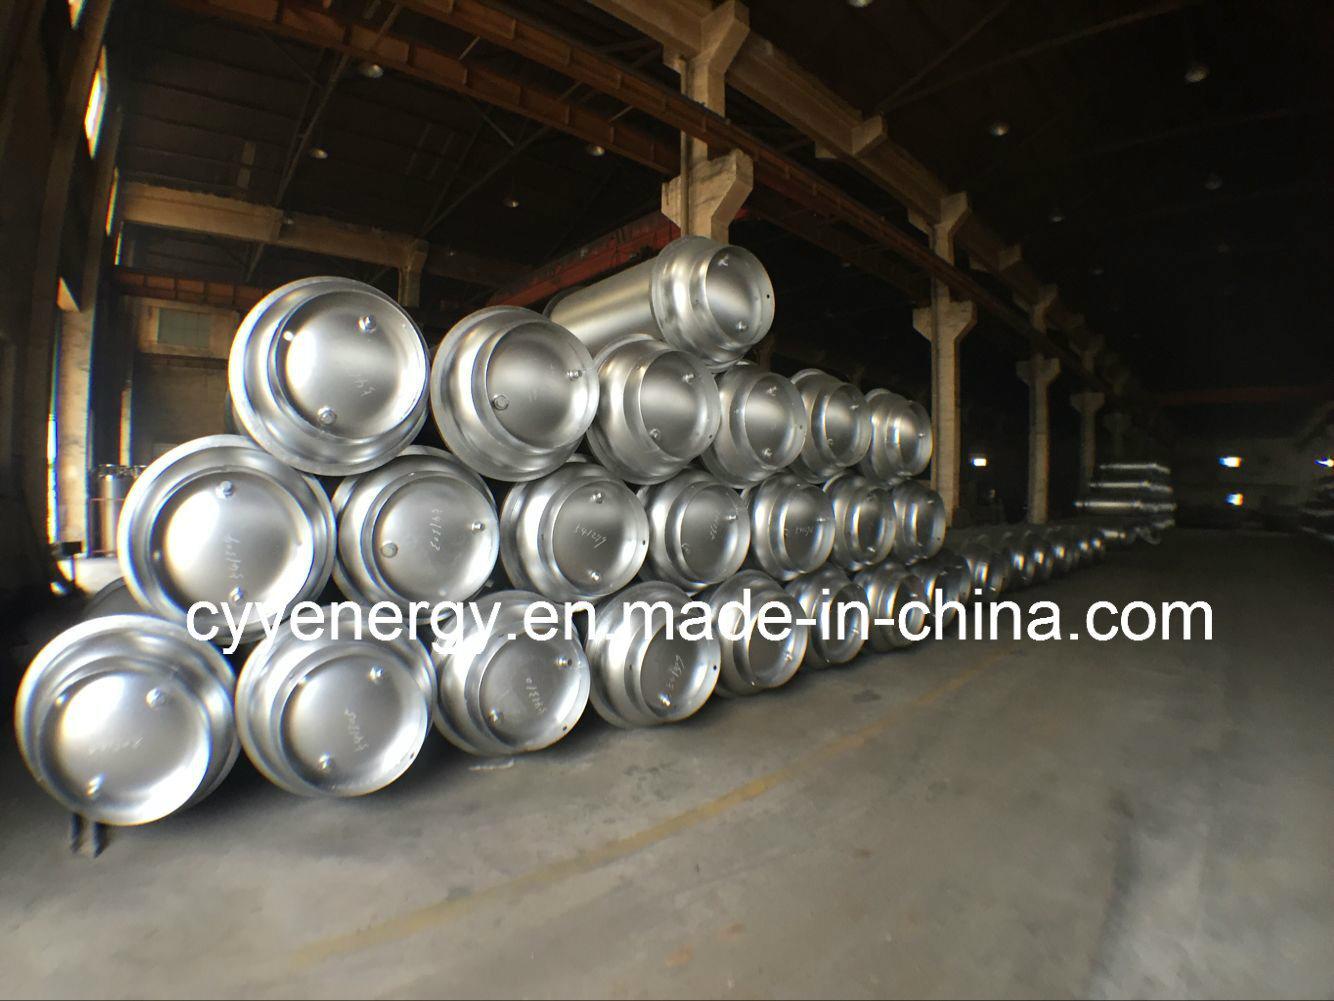 Refrigerant Gas R22 with Good Quality (R134A, R404A, R410A, R422D)